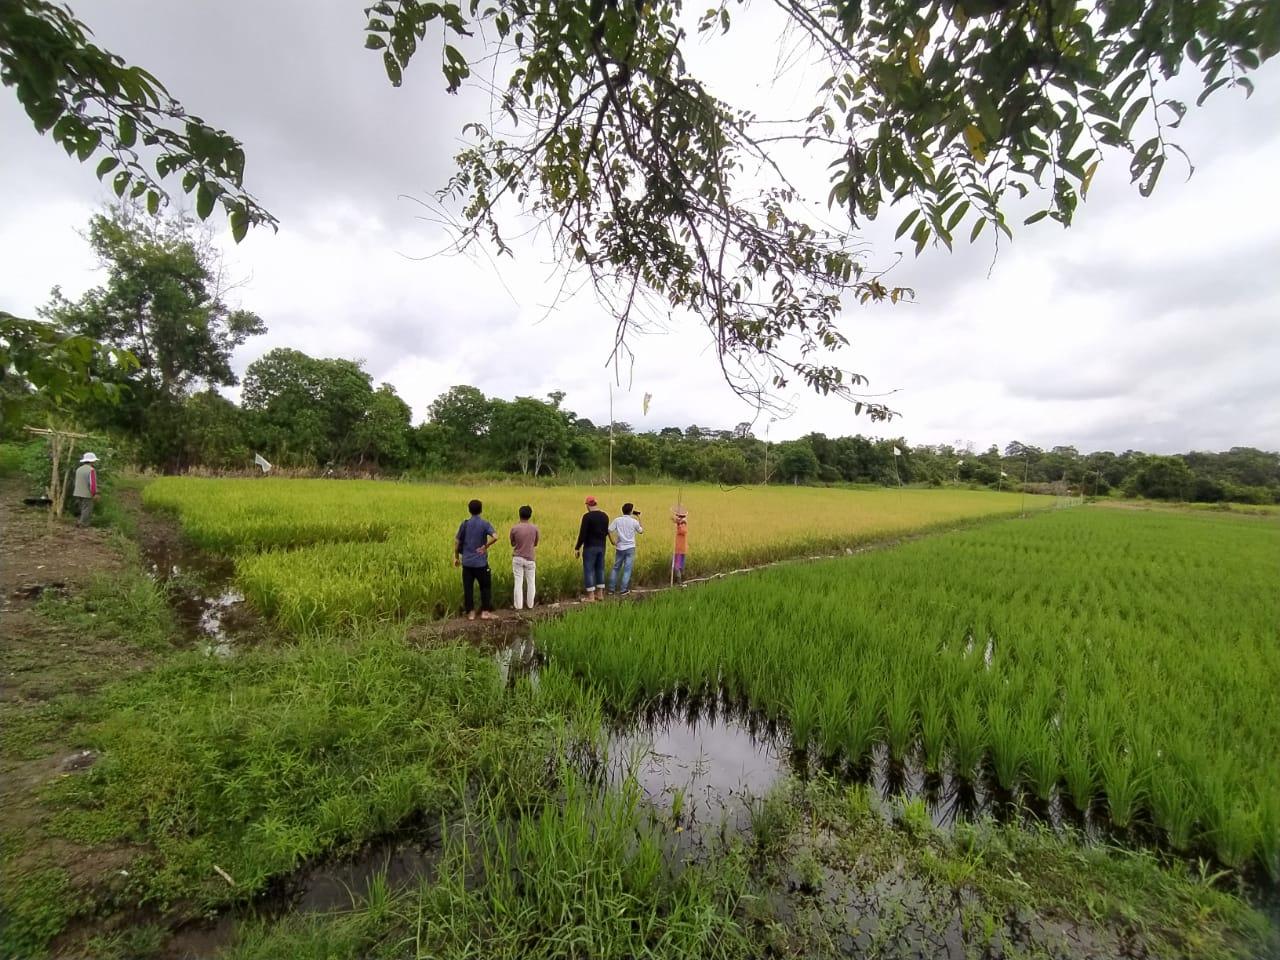 Dugaan Adanya Penyelewengan dan Penggelapan Penyaluran Pupuk Subsidi Program 2020 Kab Pelalawan